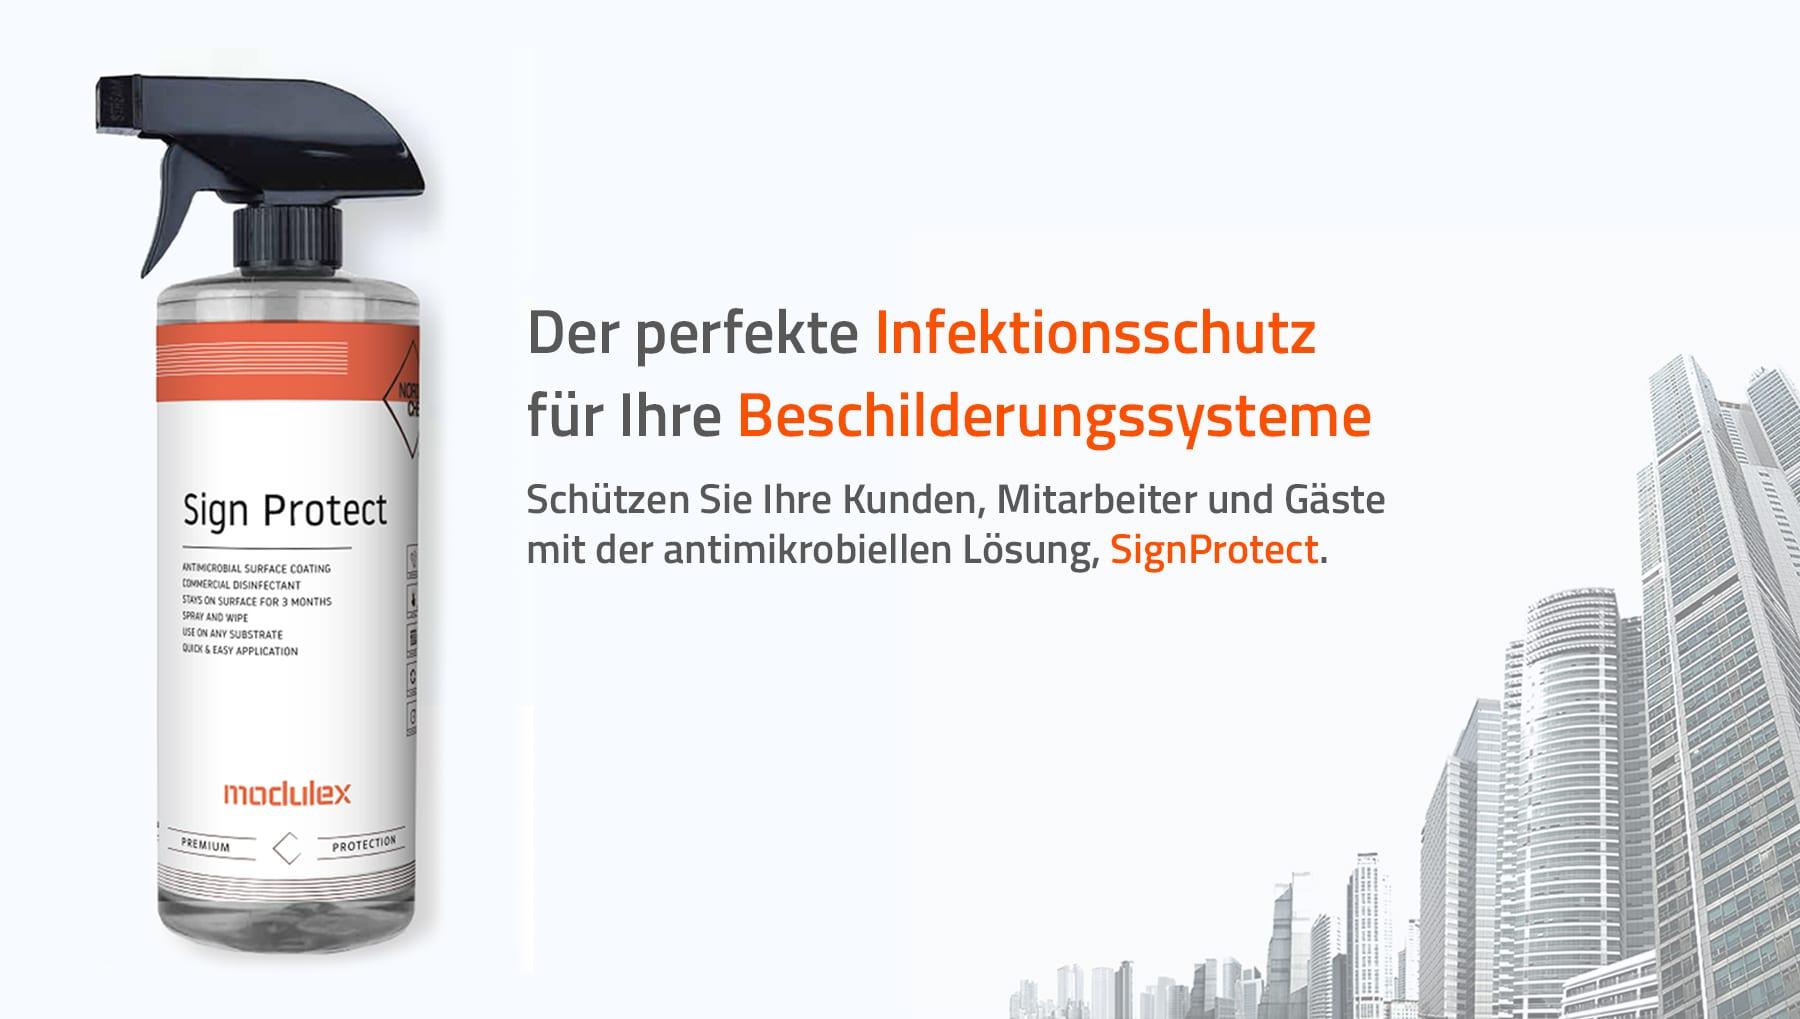 Modulex – Infektionsschutz für Ihre Beschilderungssysteme